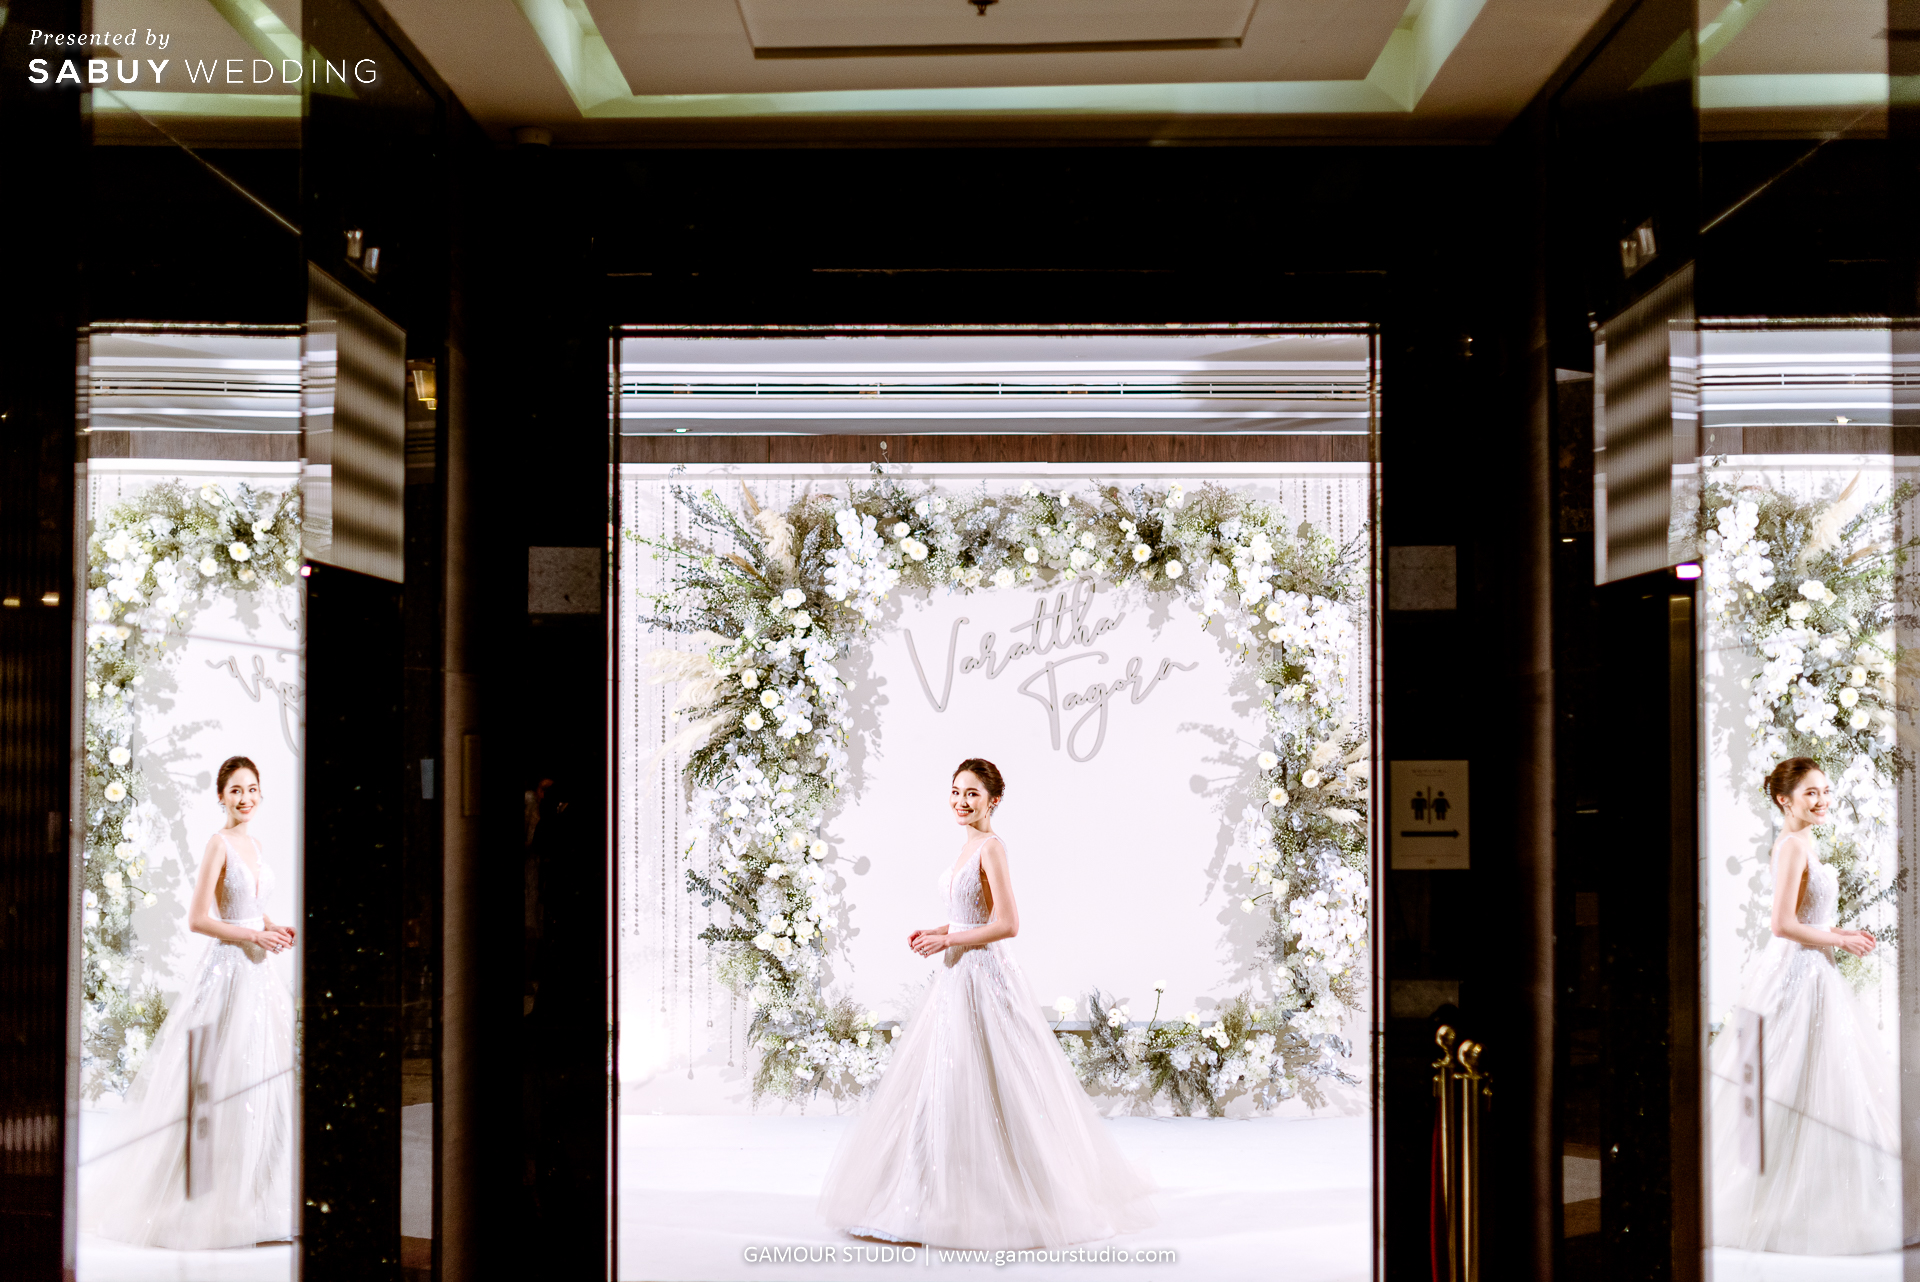 เจ้าบ่าว,เจ้าสาว,ชุดแต่งงาน,ชุดเจ้าสาว รีวิวงานแต่งมินิมอลสไตล์ สวยสบายตาด้วยโทนสีขาวคลีน @ Sofitel Bangkok Sukhumvit